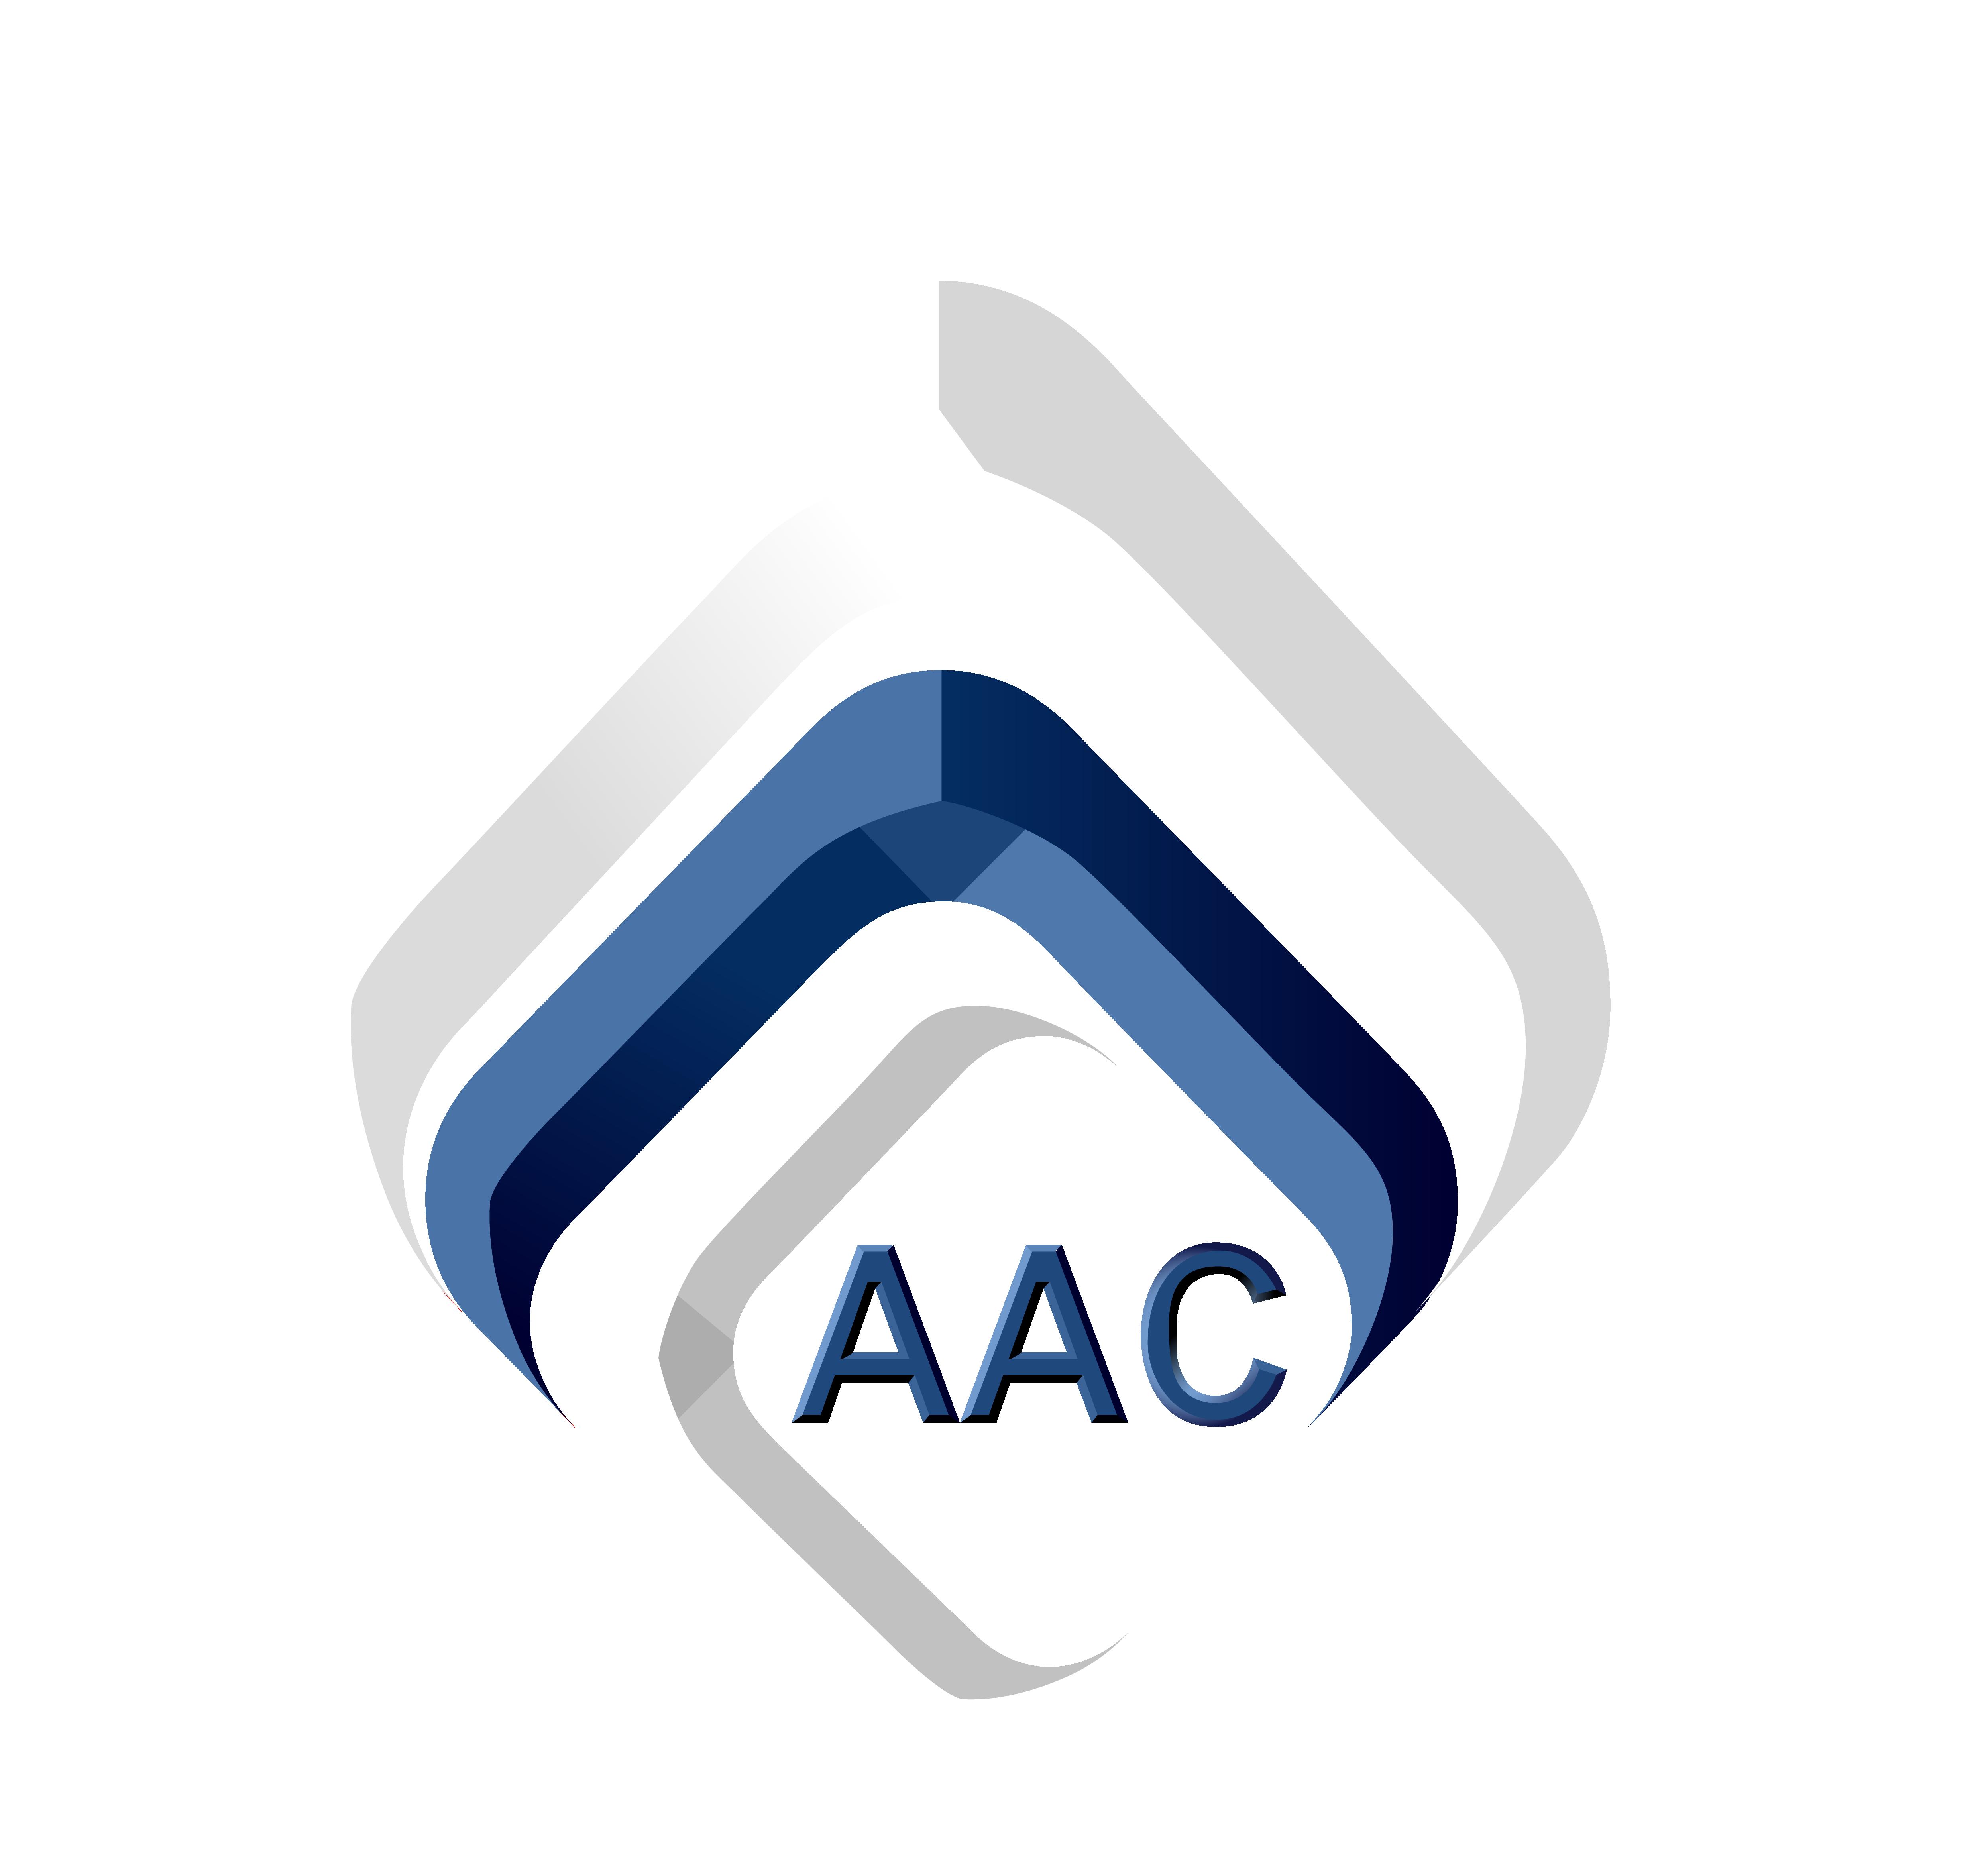 logo - Aac Logo PNG